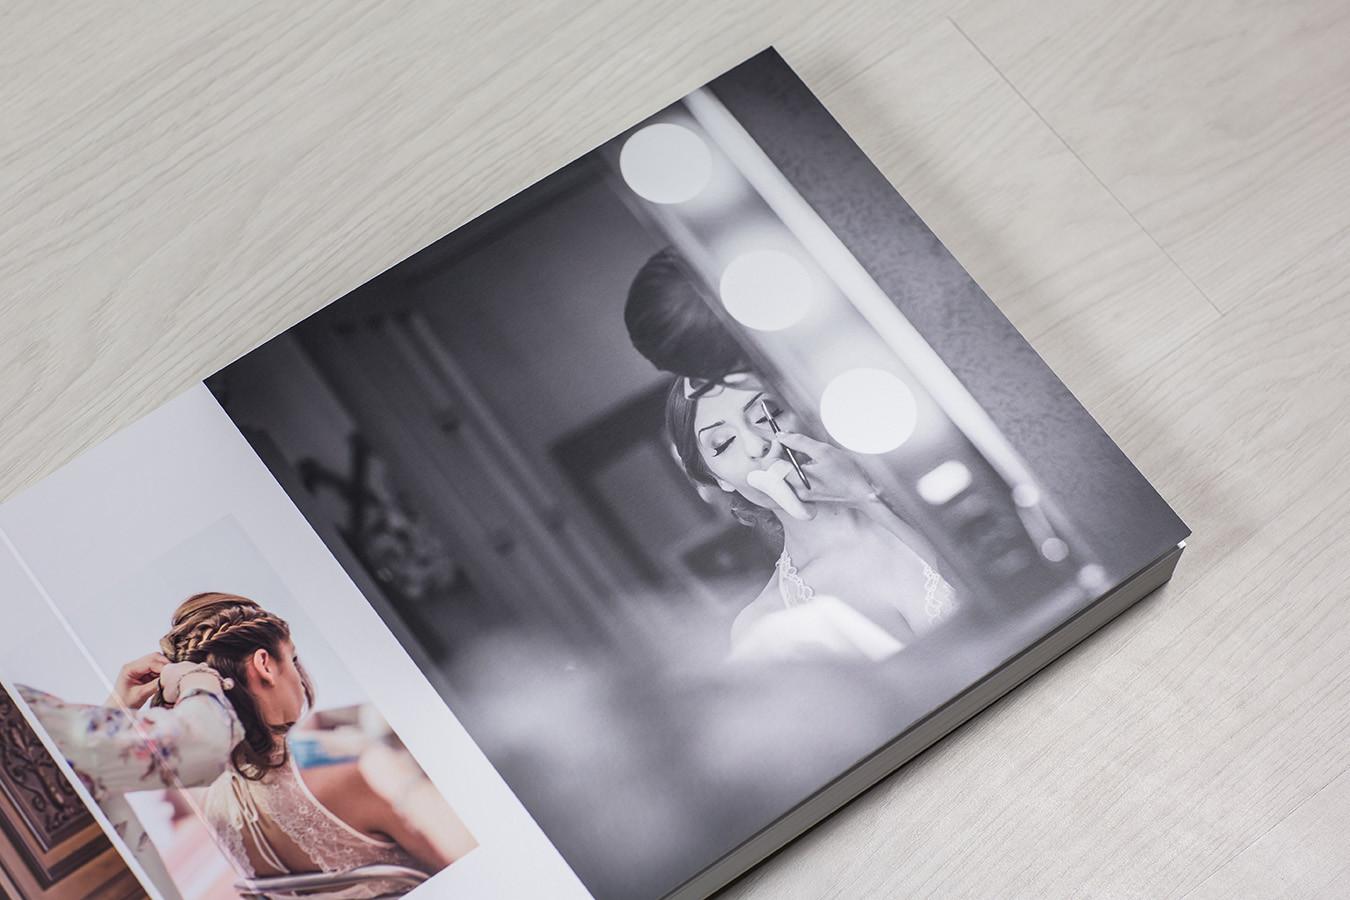 wedsign - wedding design & photography - @wedsignwedding